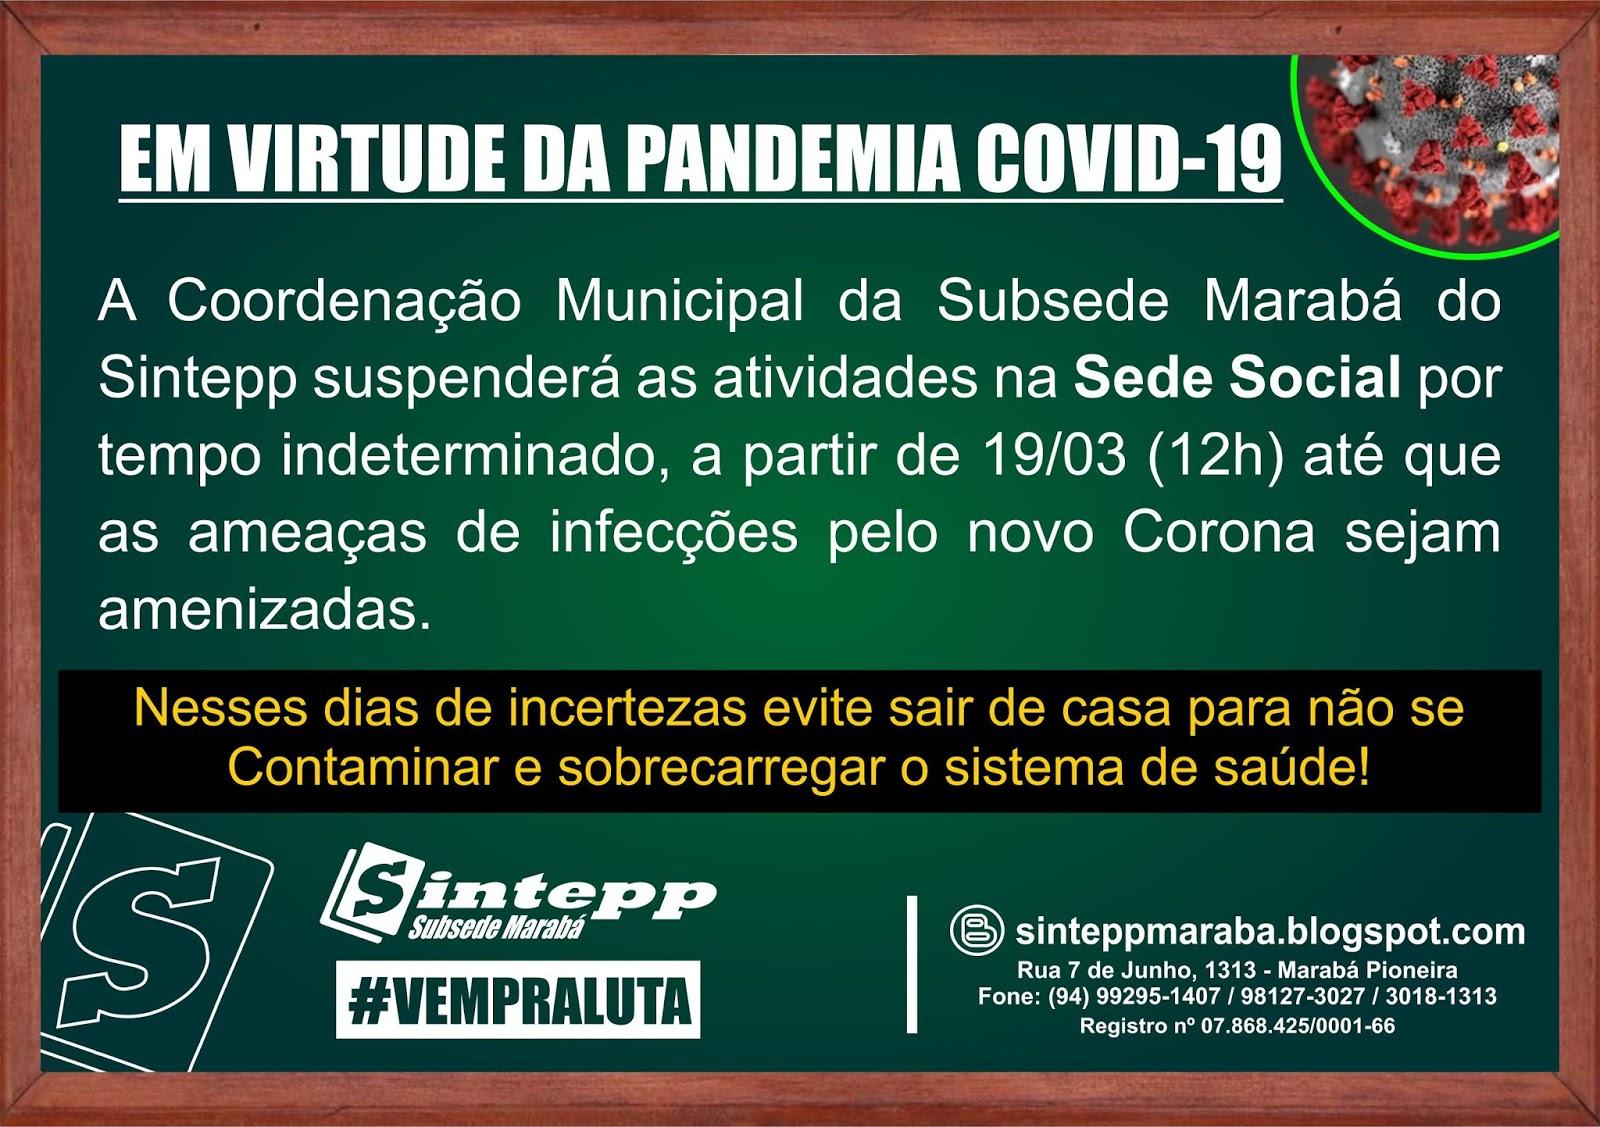 SINTEPP Marabá – FUNCIONAMENTO DA SEDE SOCIAL. Fique atenta (o)